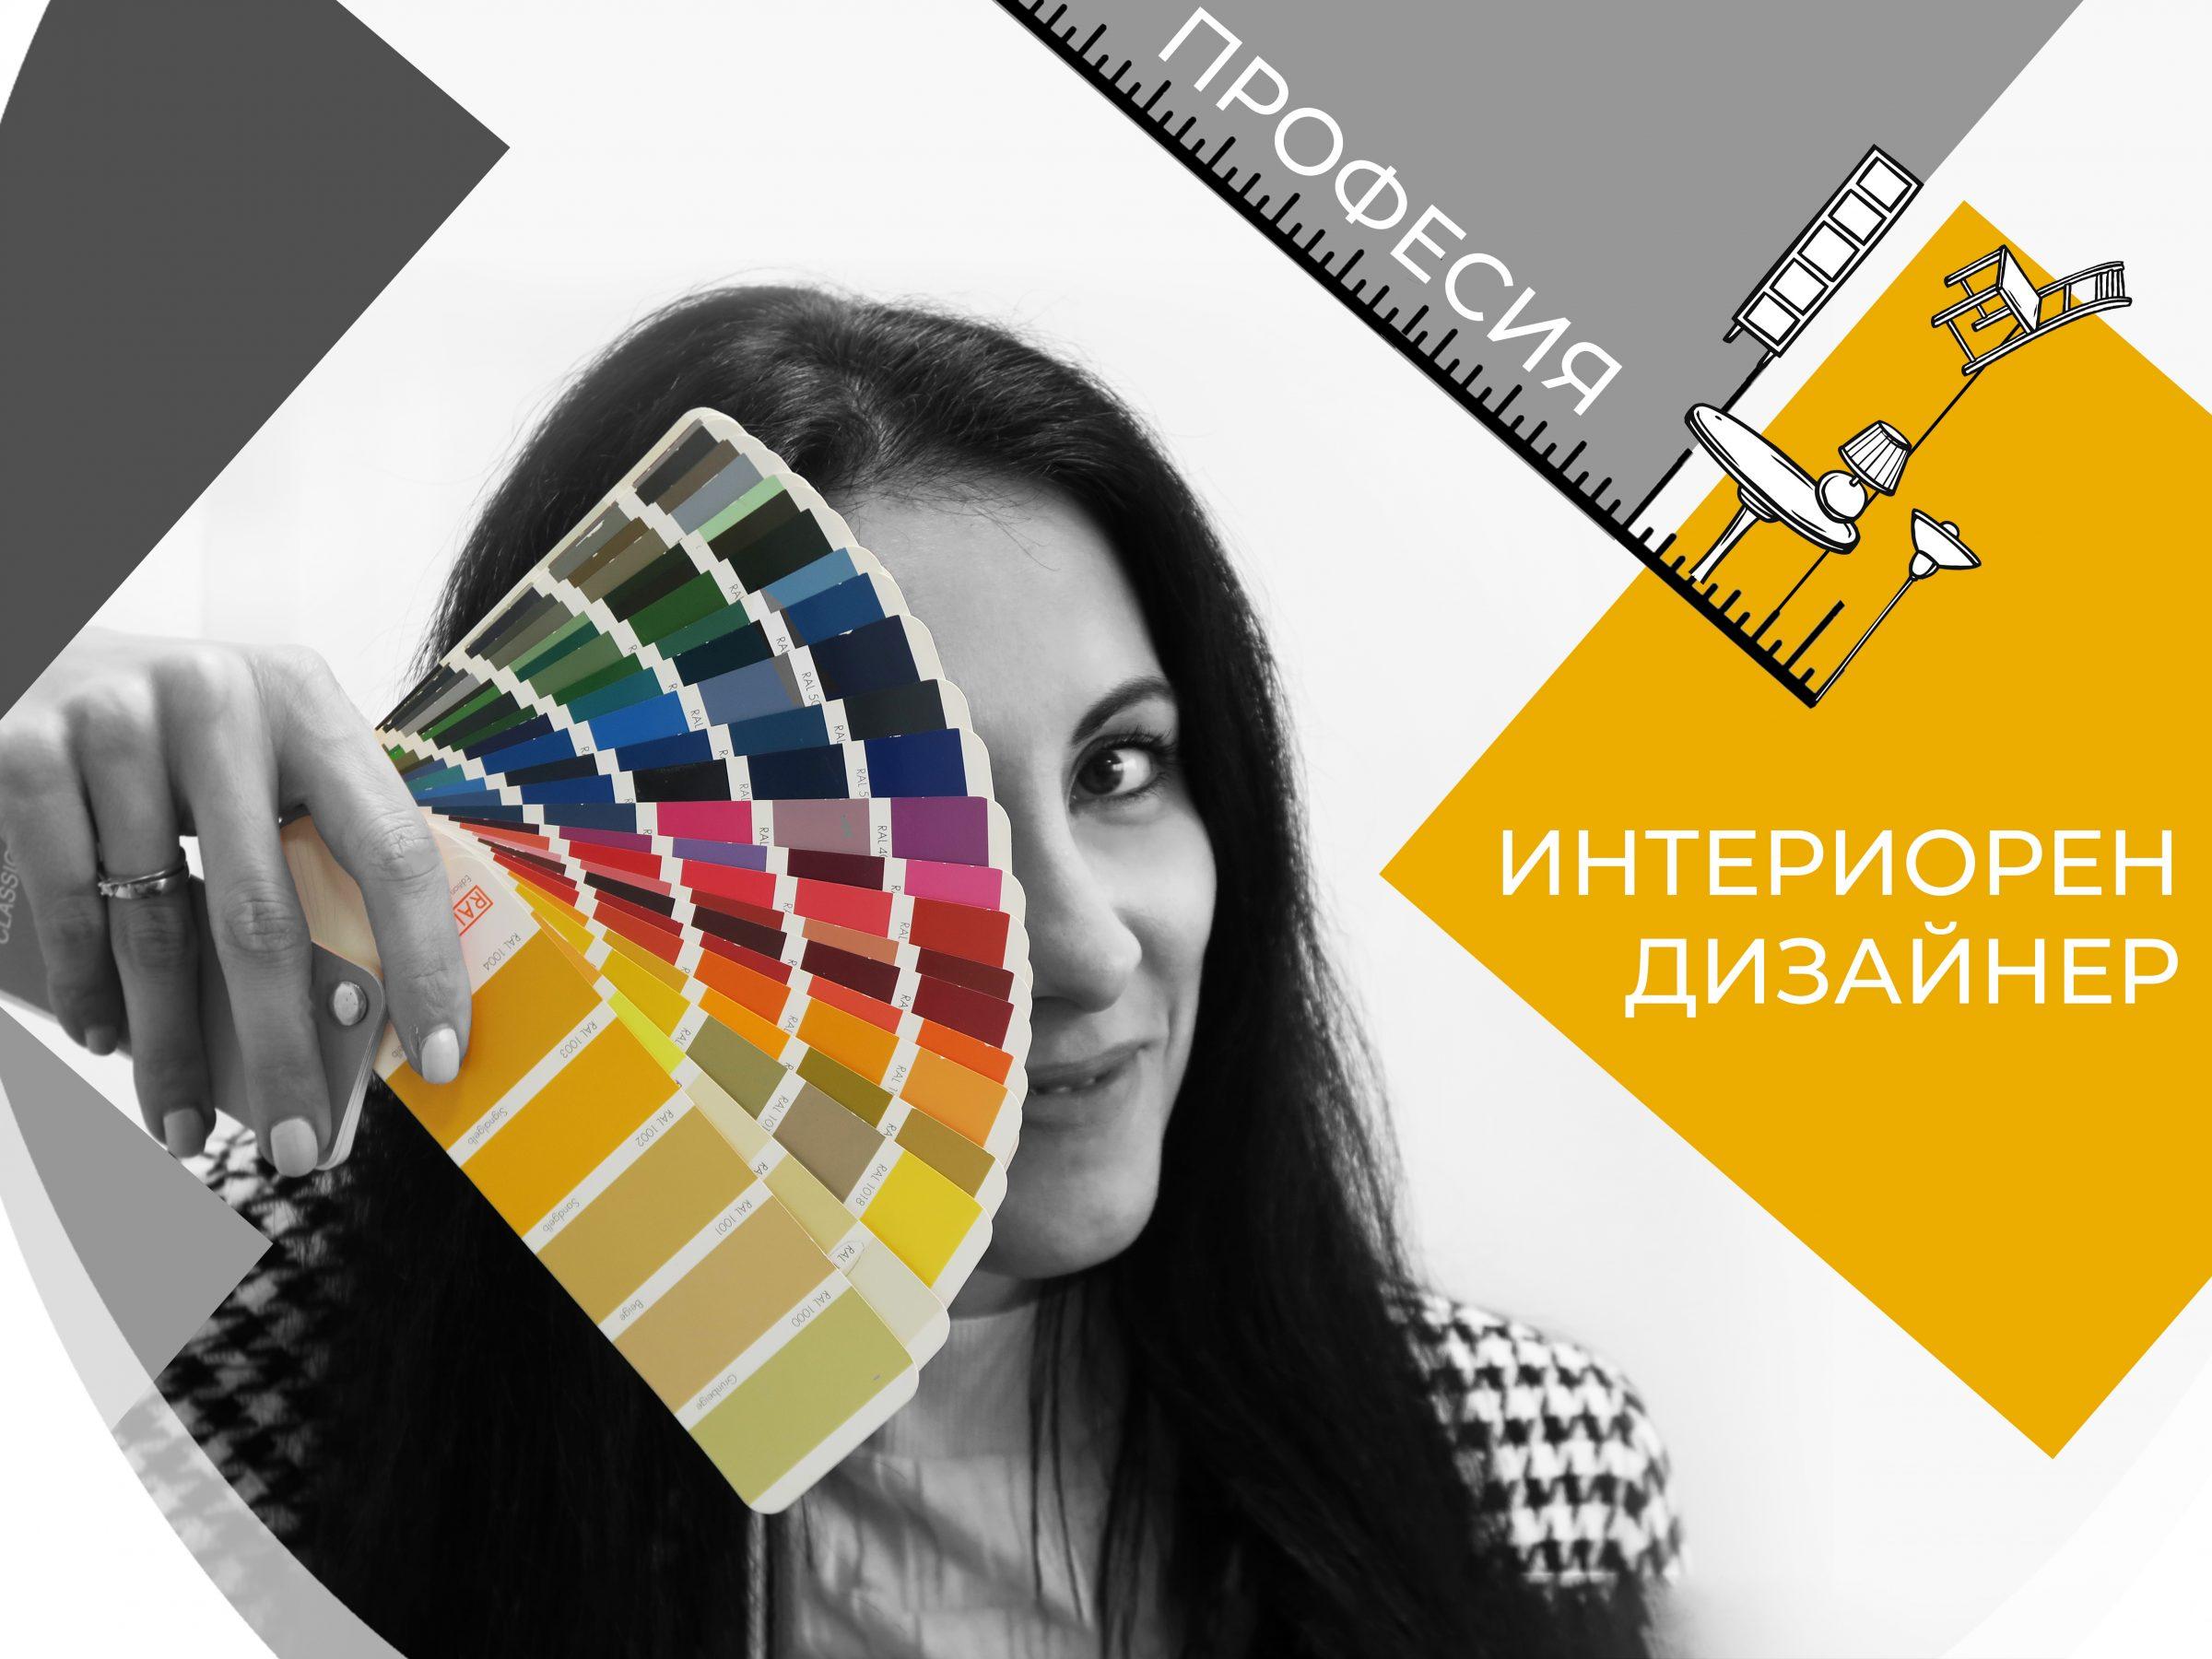 Ivana Toneva interioren dizainer 3